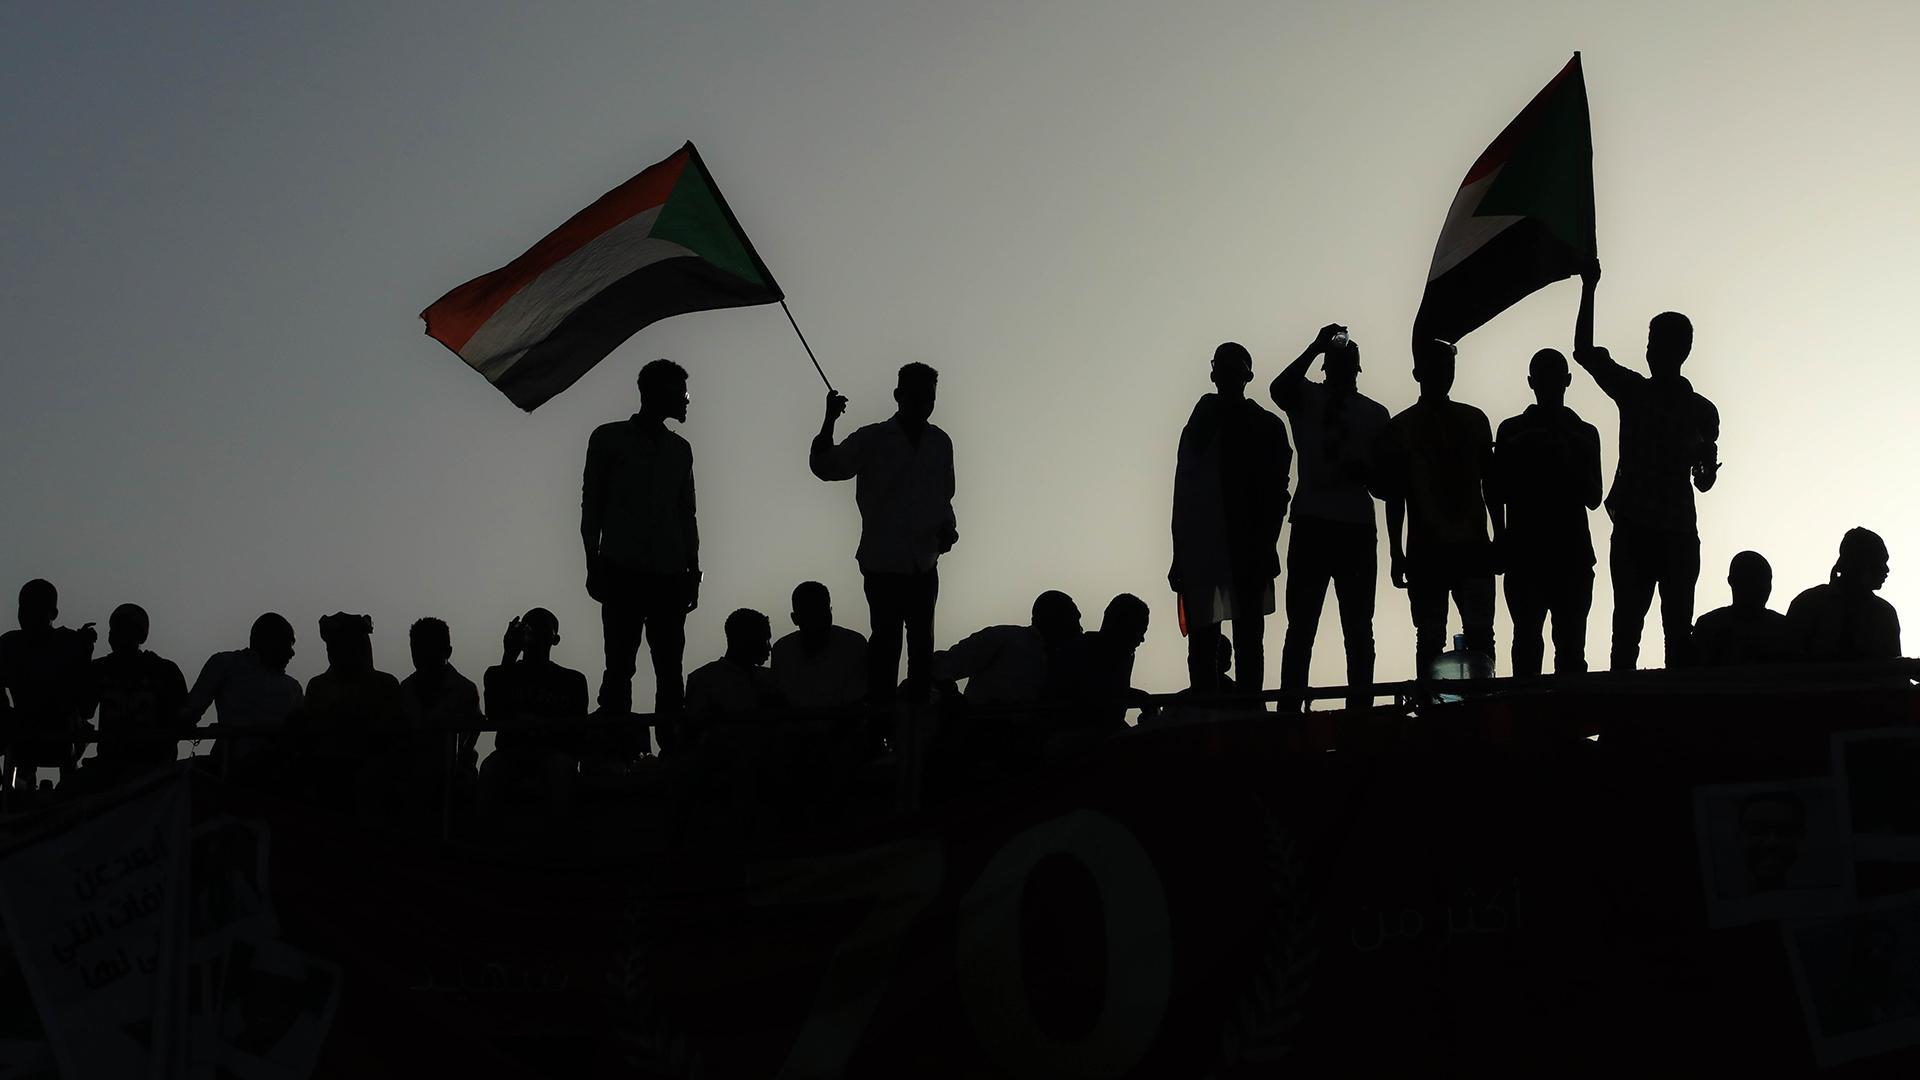 مواقف دول الخليج من الوضع الليبي واحتاجاجات السودان والجزائر